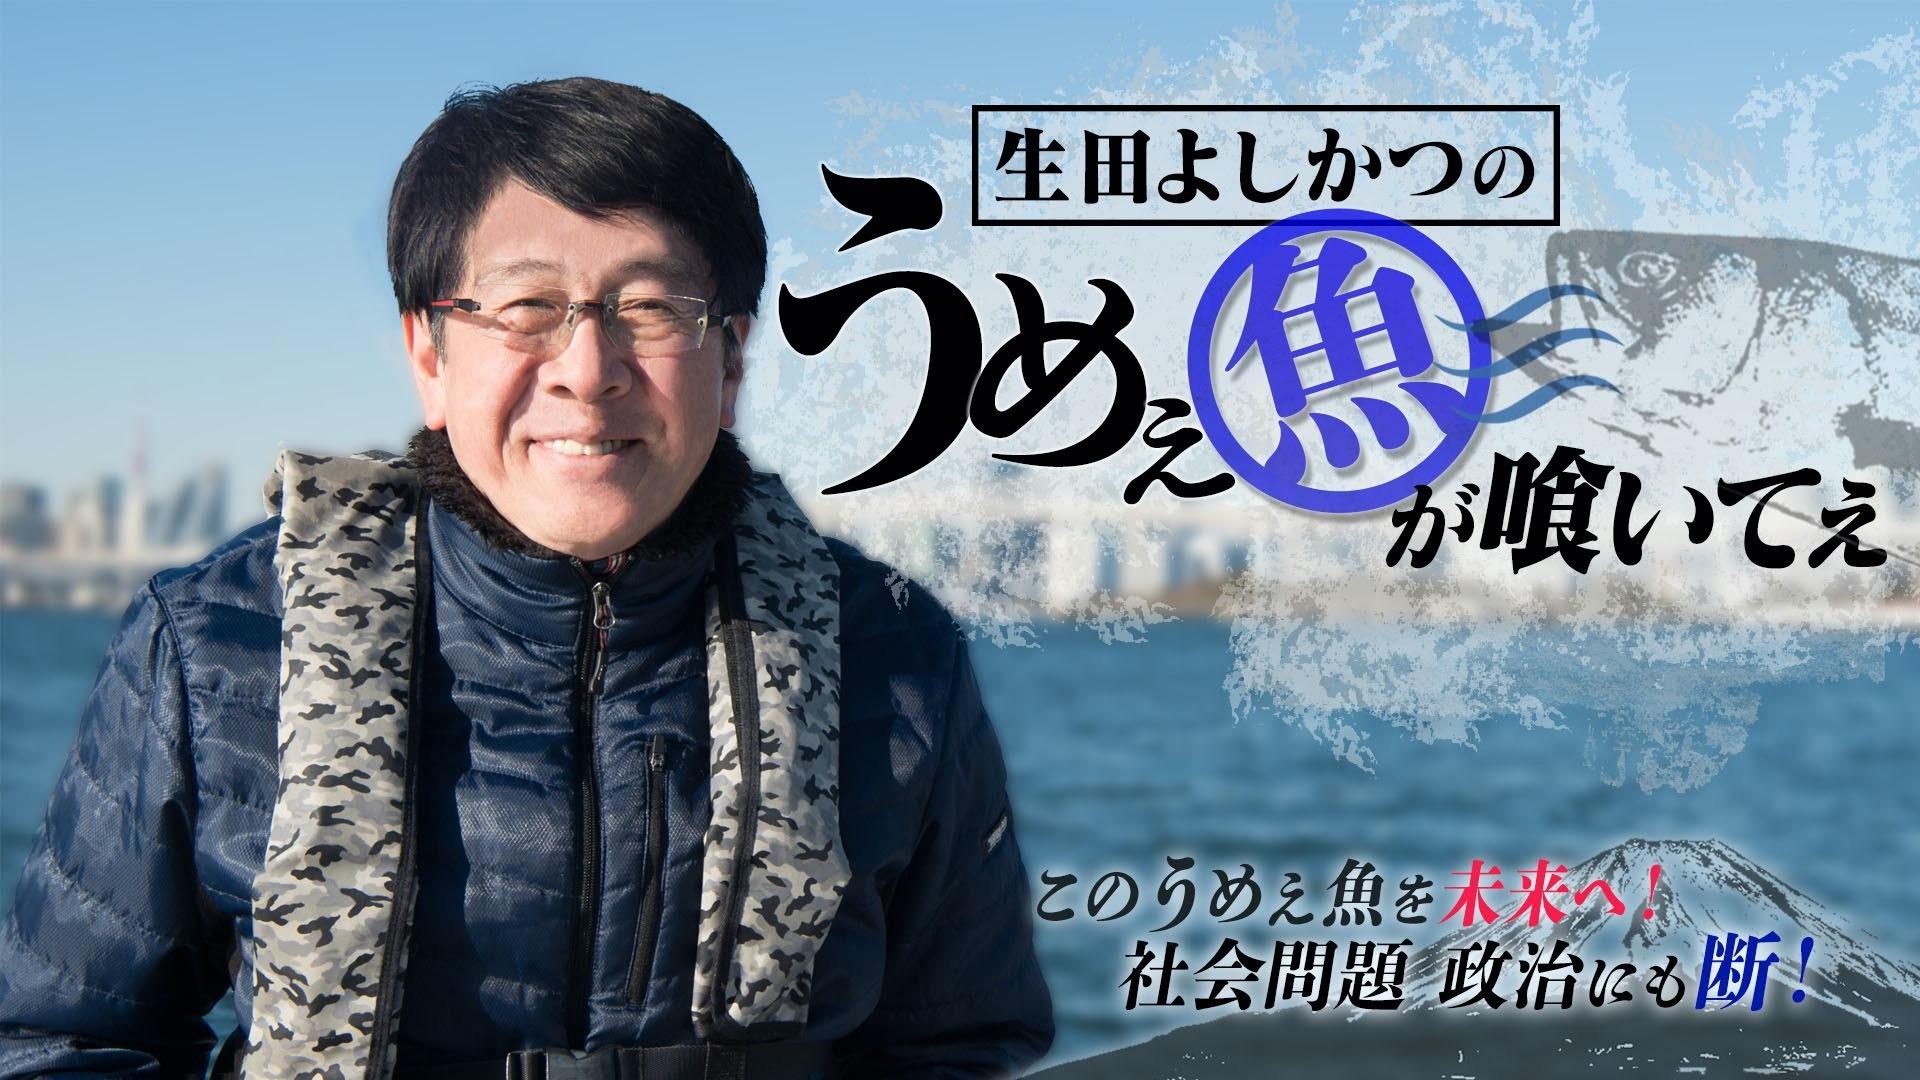 生田よしかつのうめぇ魚が喰いてぇ